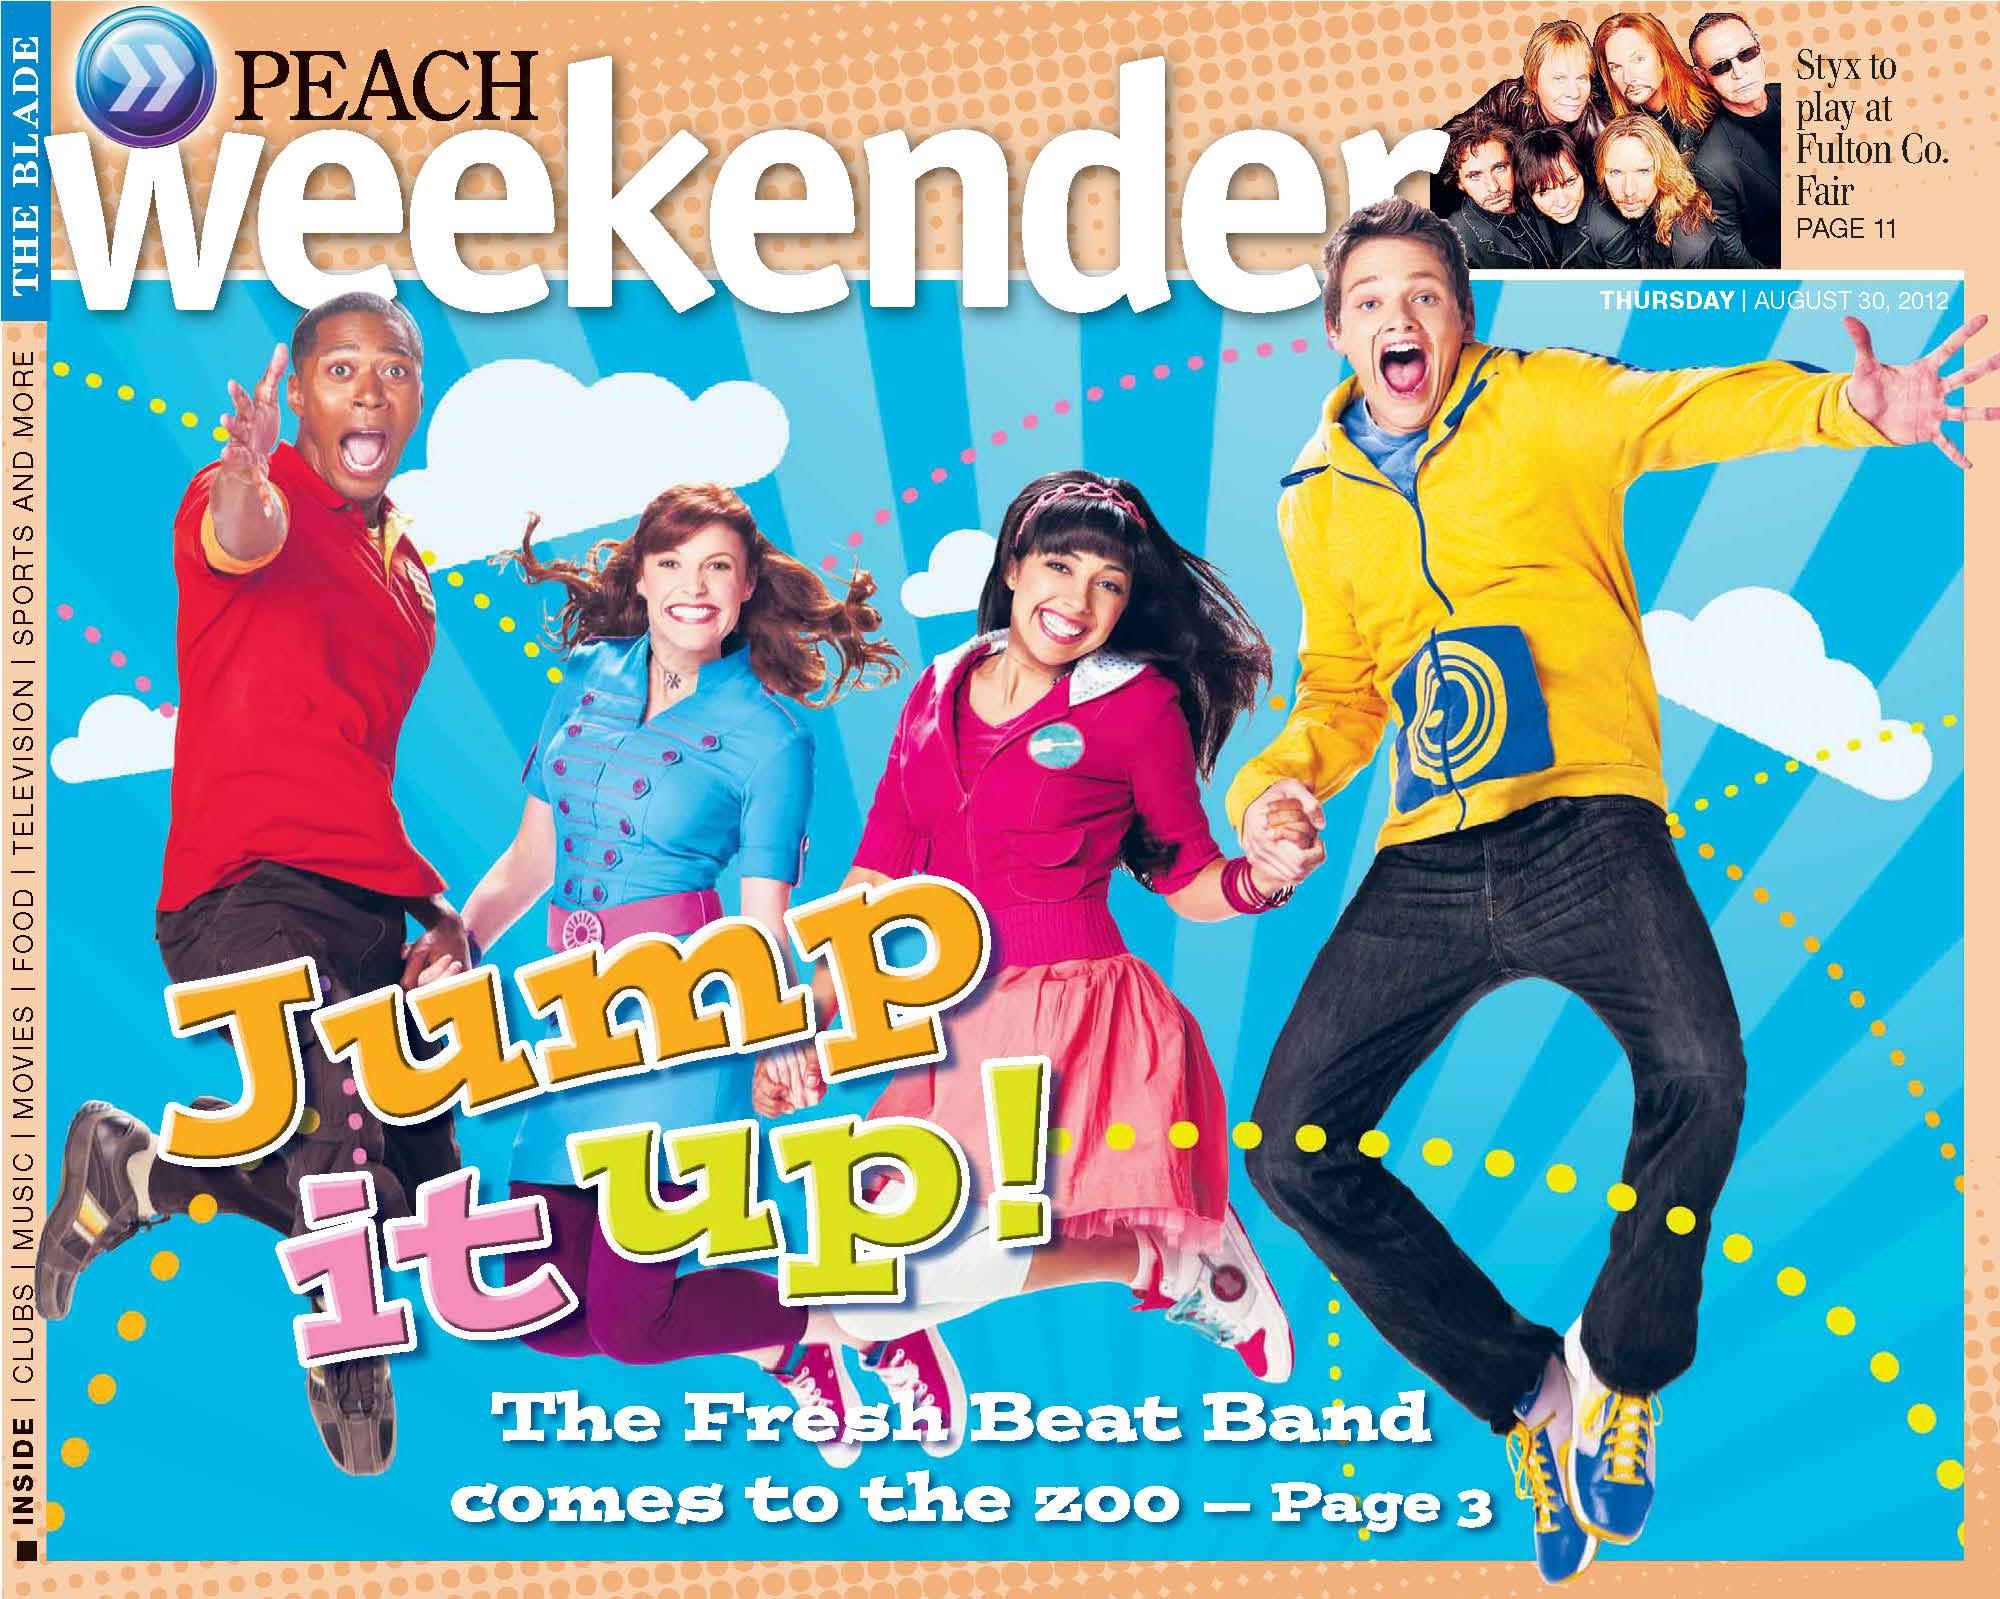 Fresh Beat Band Kiki